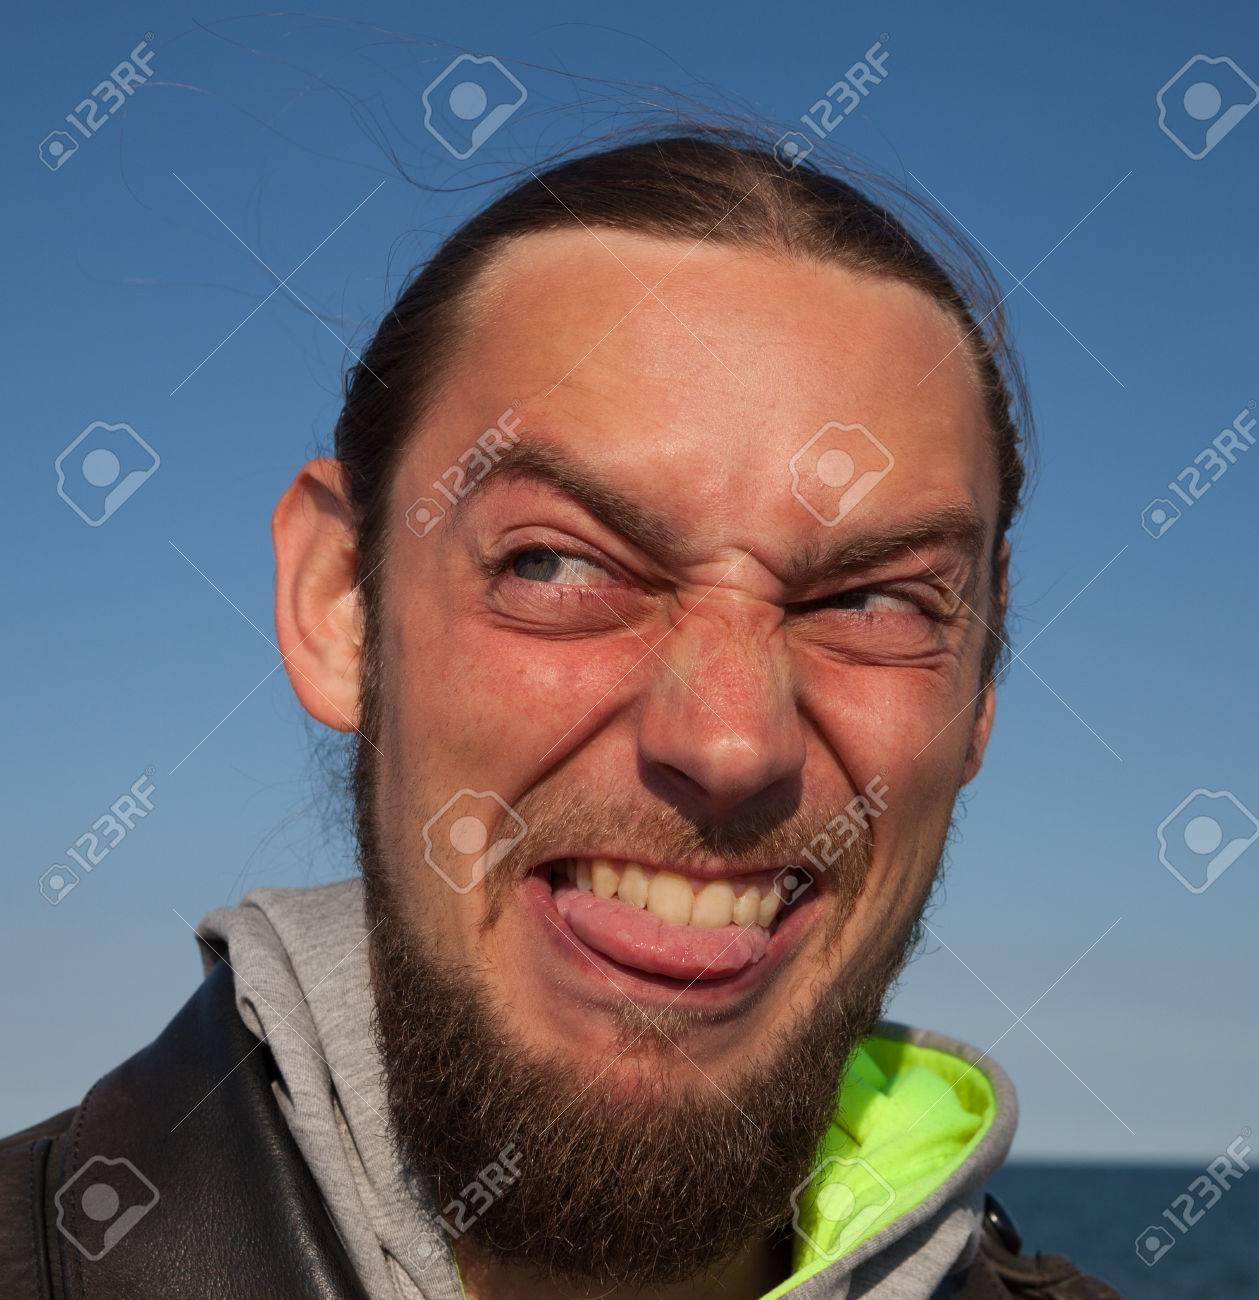 Gesicht frau hässliches Die grüne